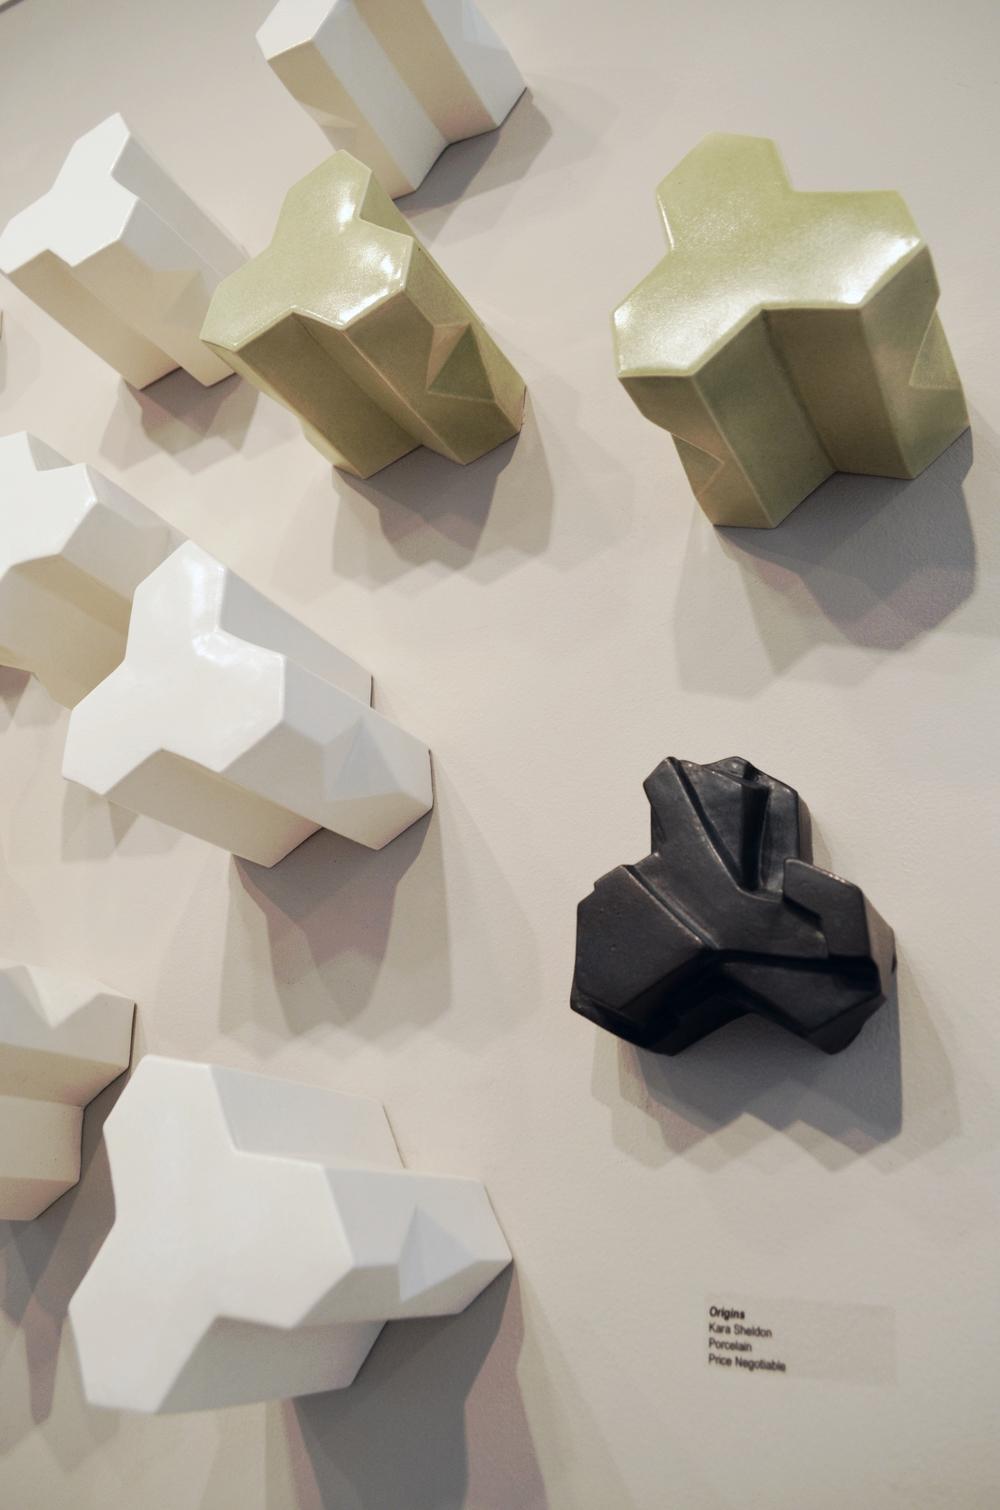 K Sheldon Porcelain Installation.jpg